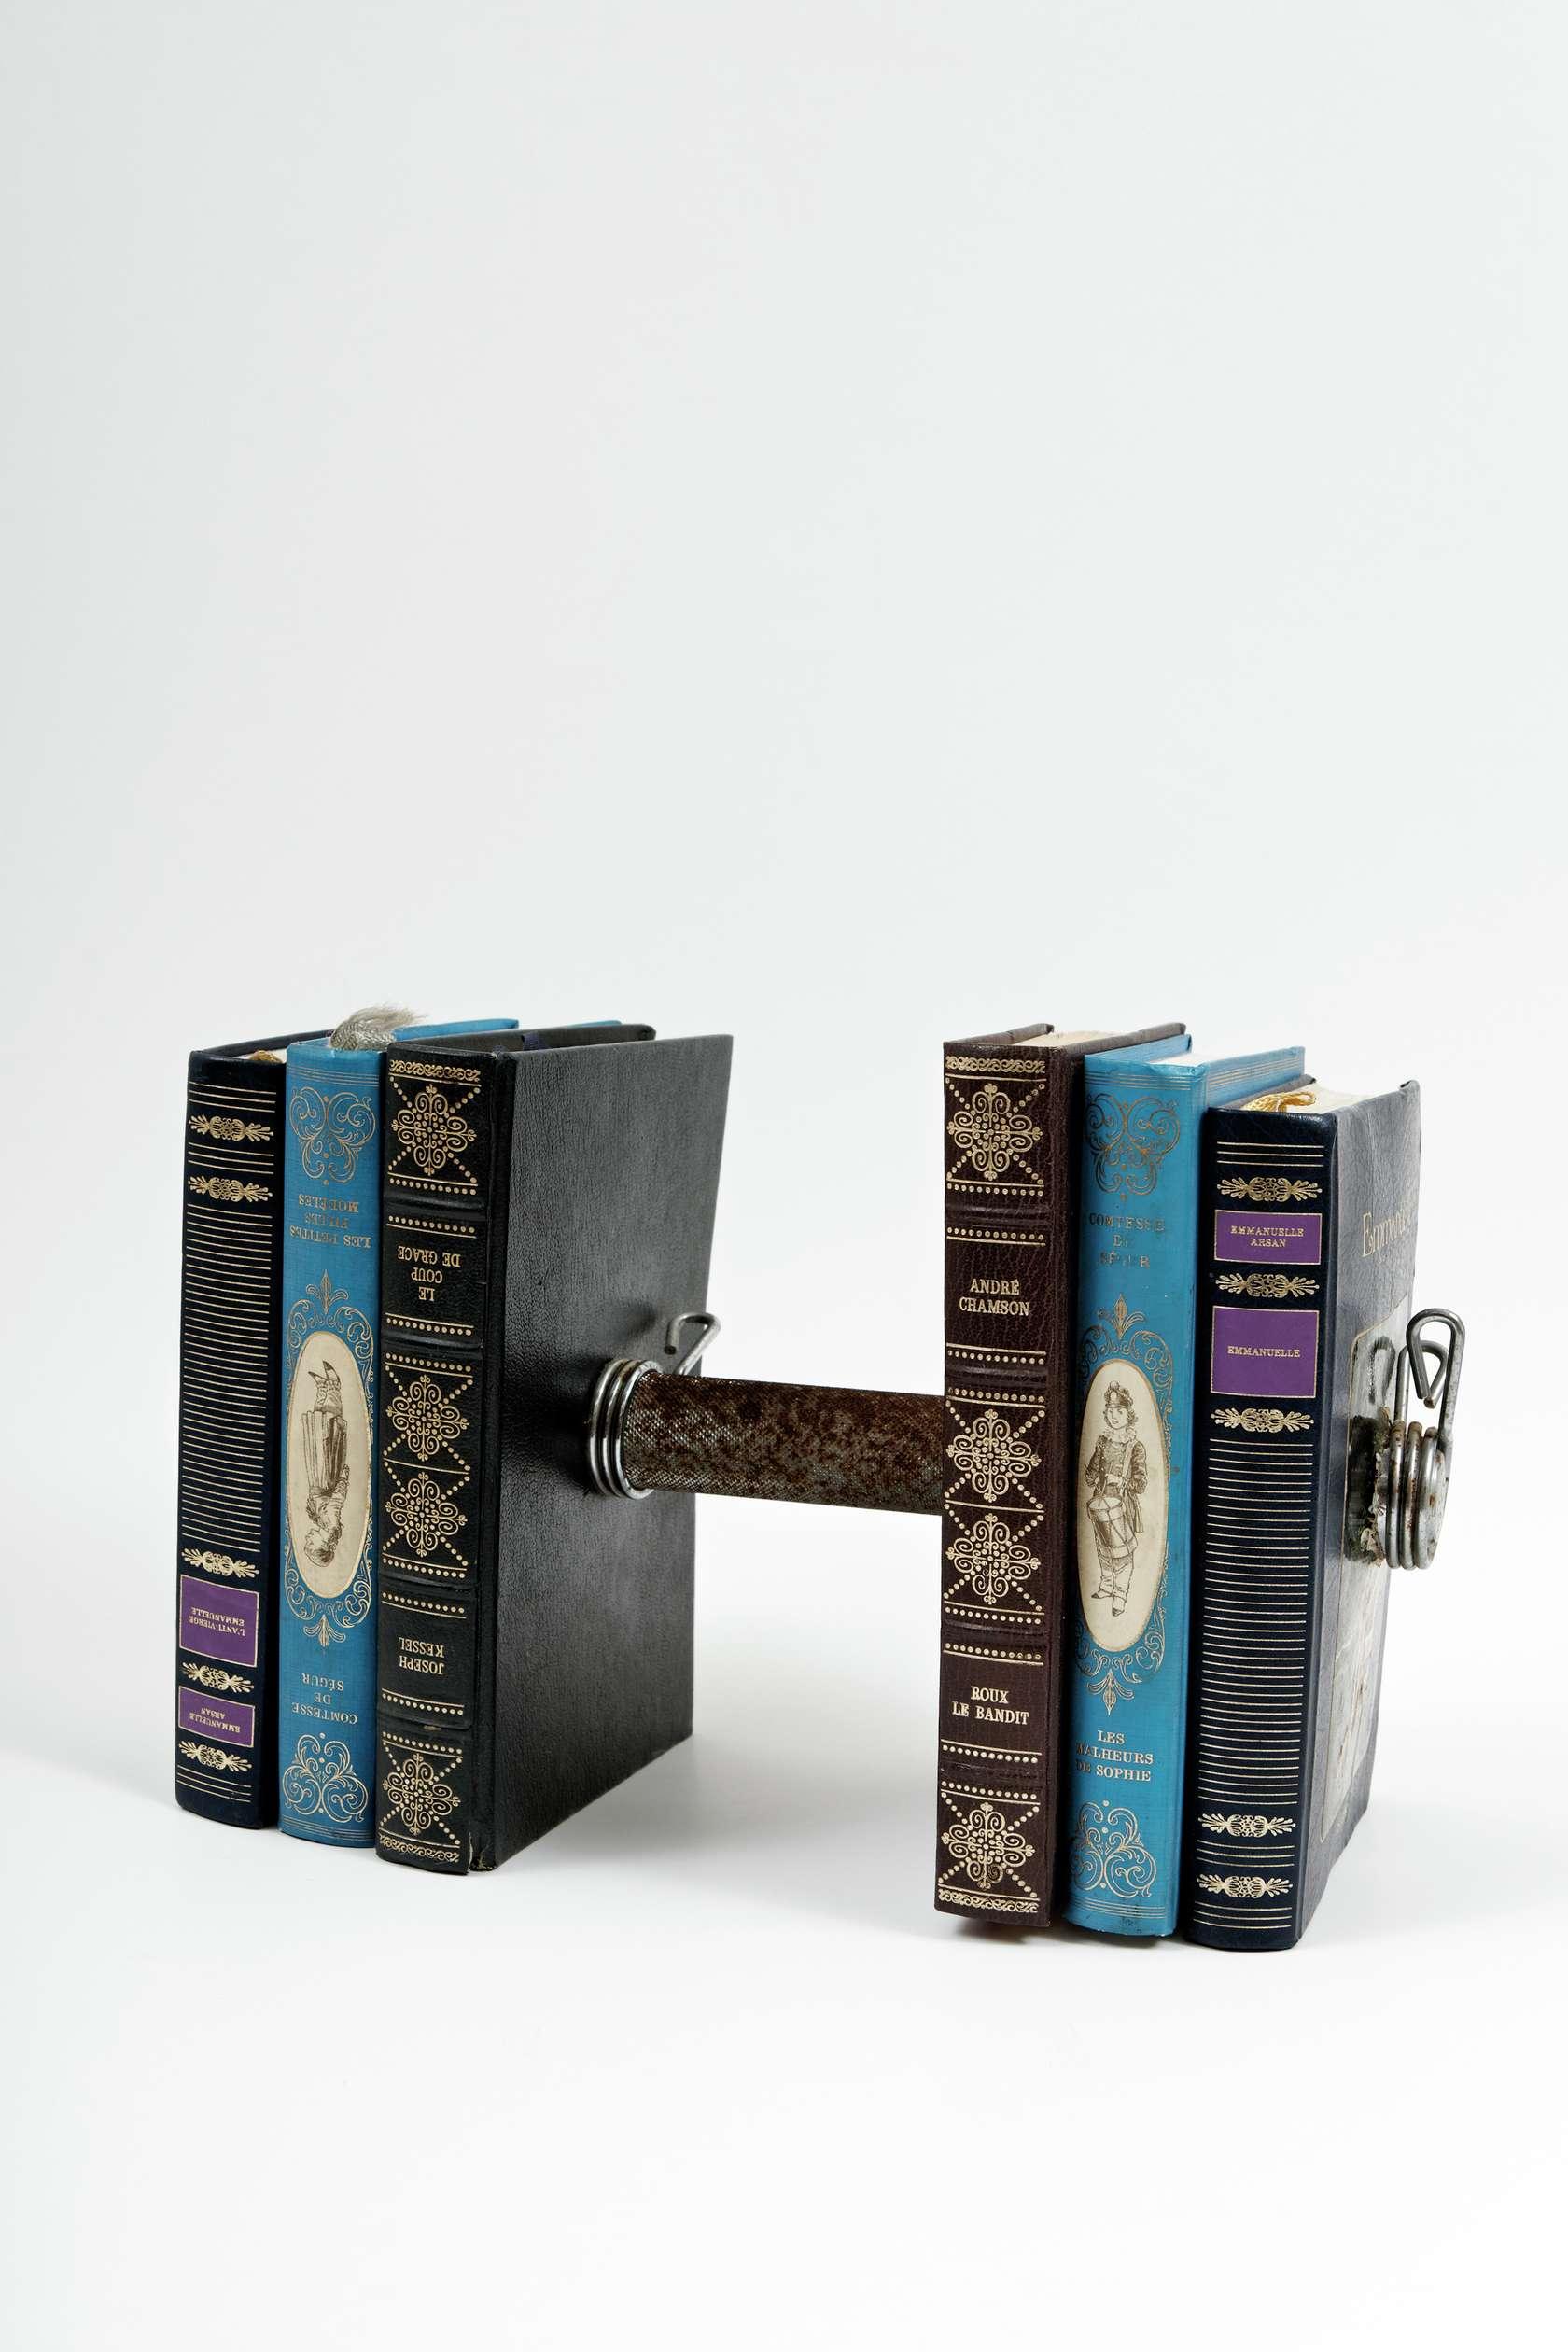 Présence Panchounette, Le poids des mots, 1982 Barre d'haltère et livres19 x 28.5 x 14 cm / 7 1/2 x 11 2/8 x 5 1/2 inches